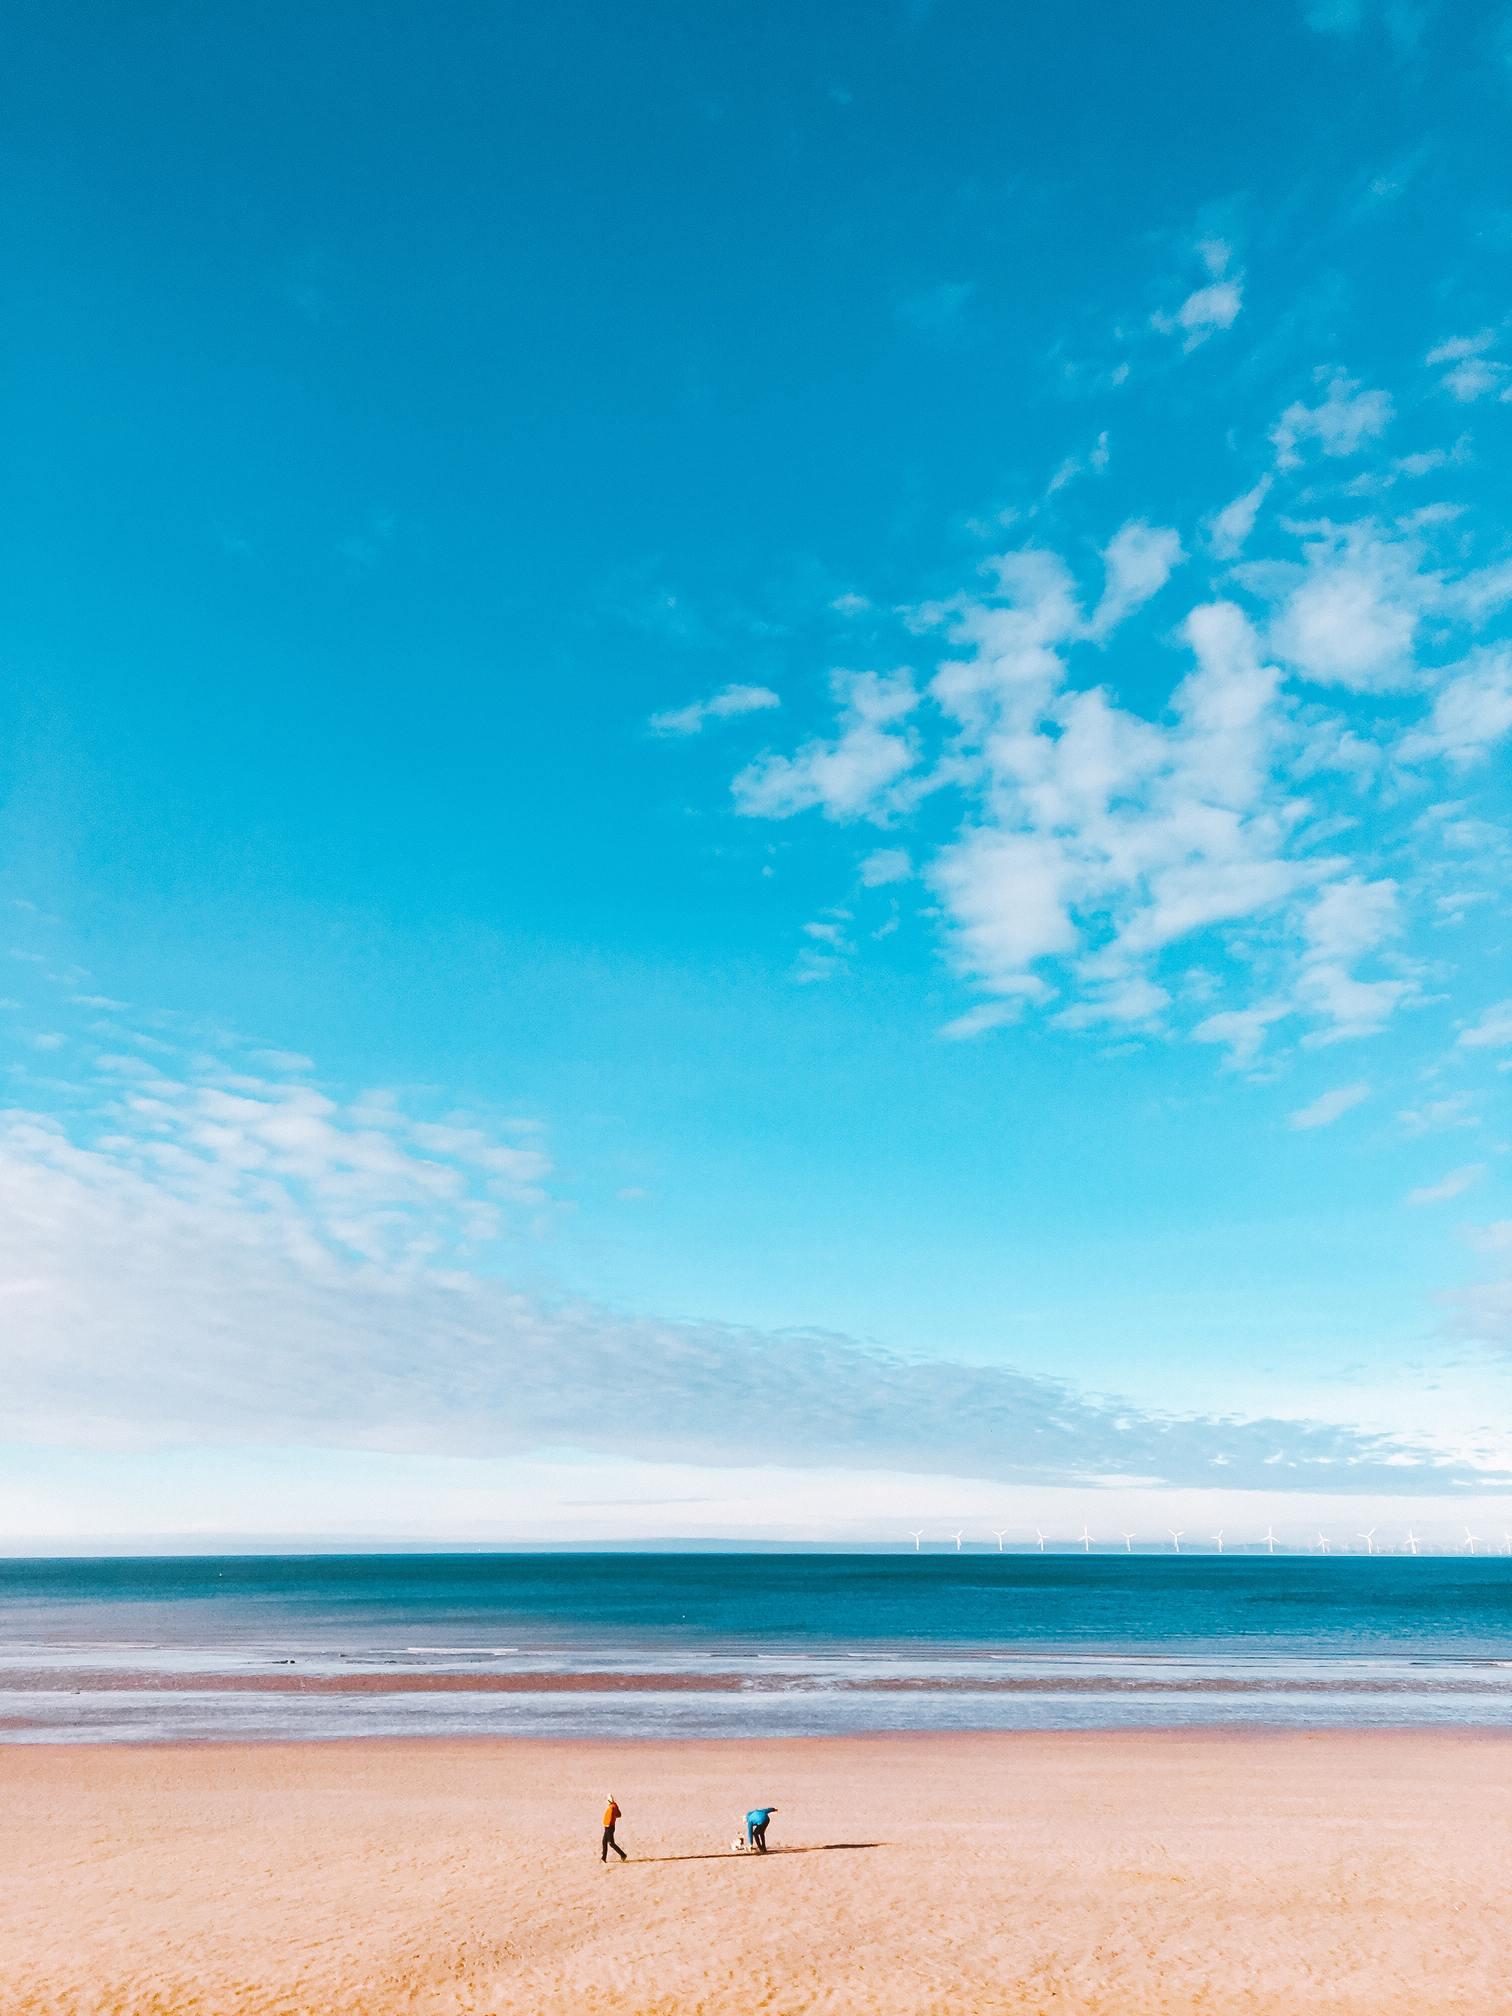 Hình ảnh bầu trời xanh mây trắng đẹp nhất